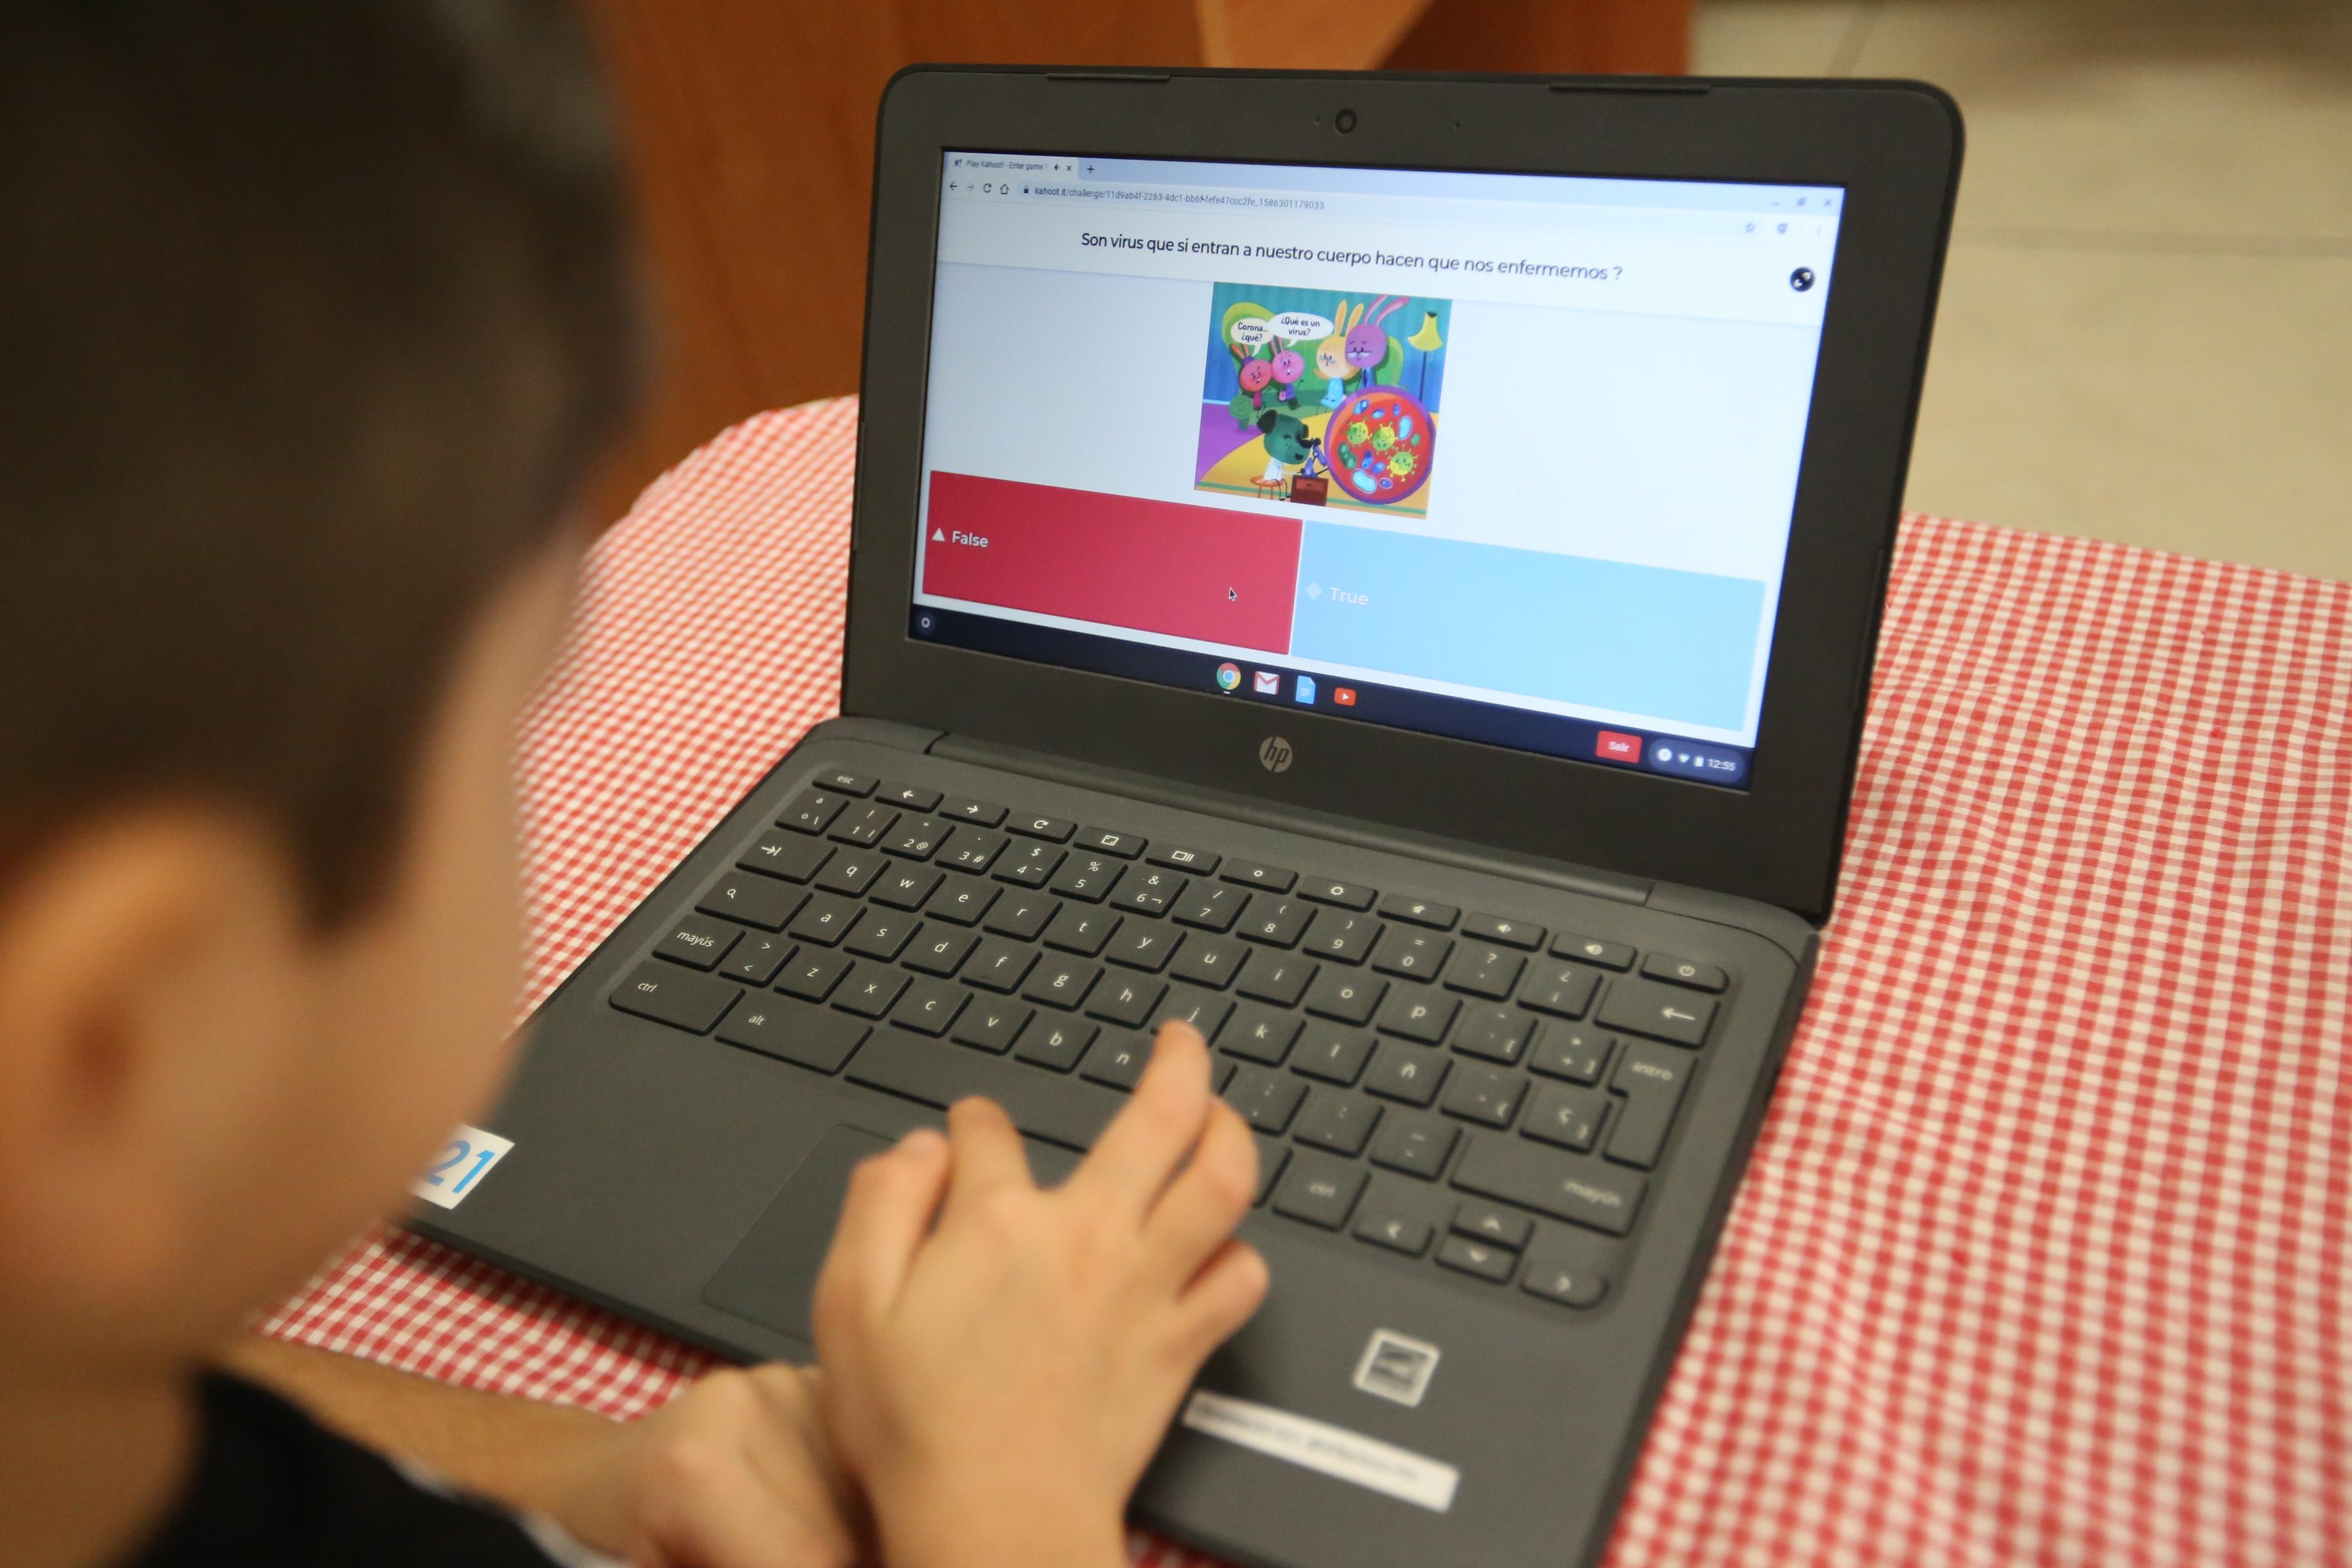 Niño con computadora realizando actividad